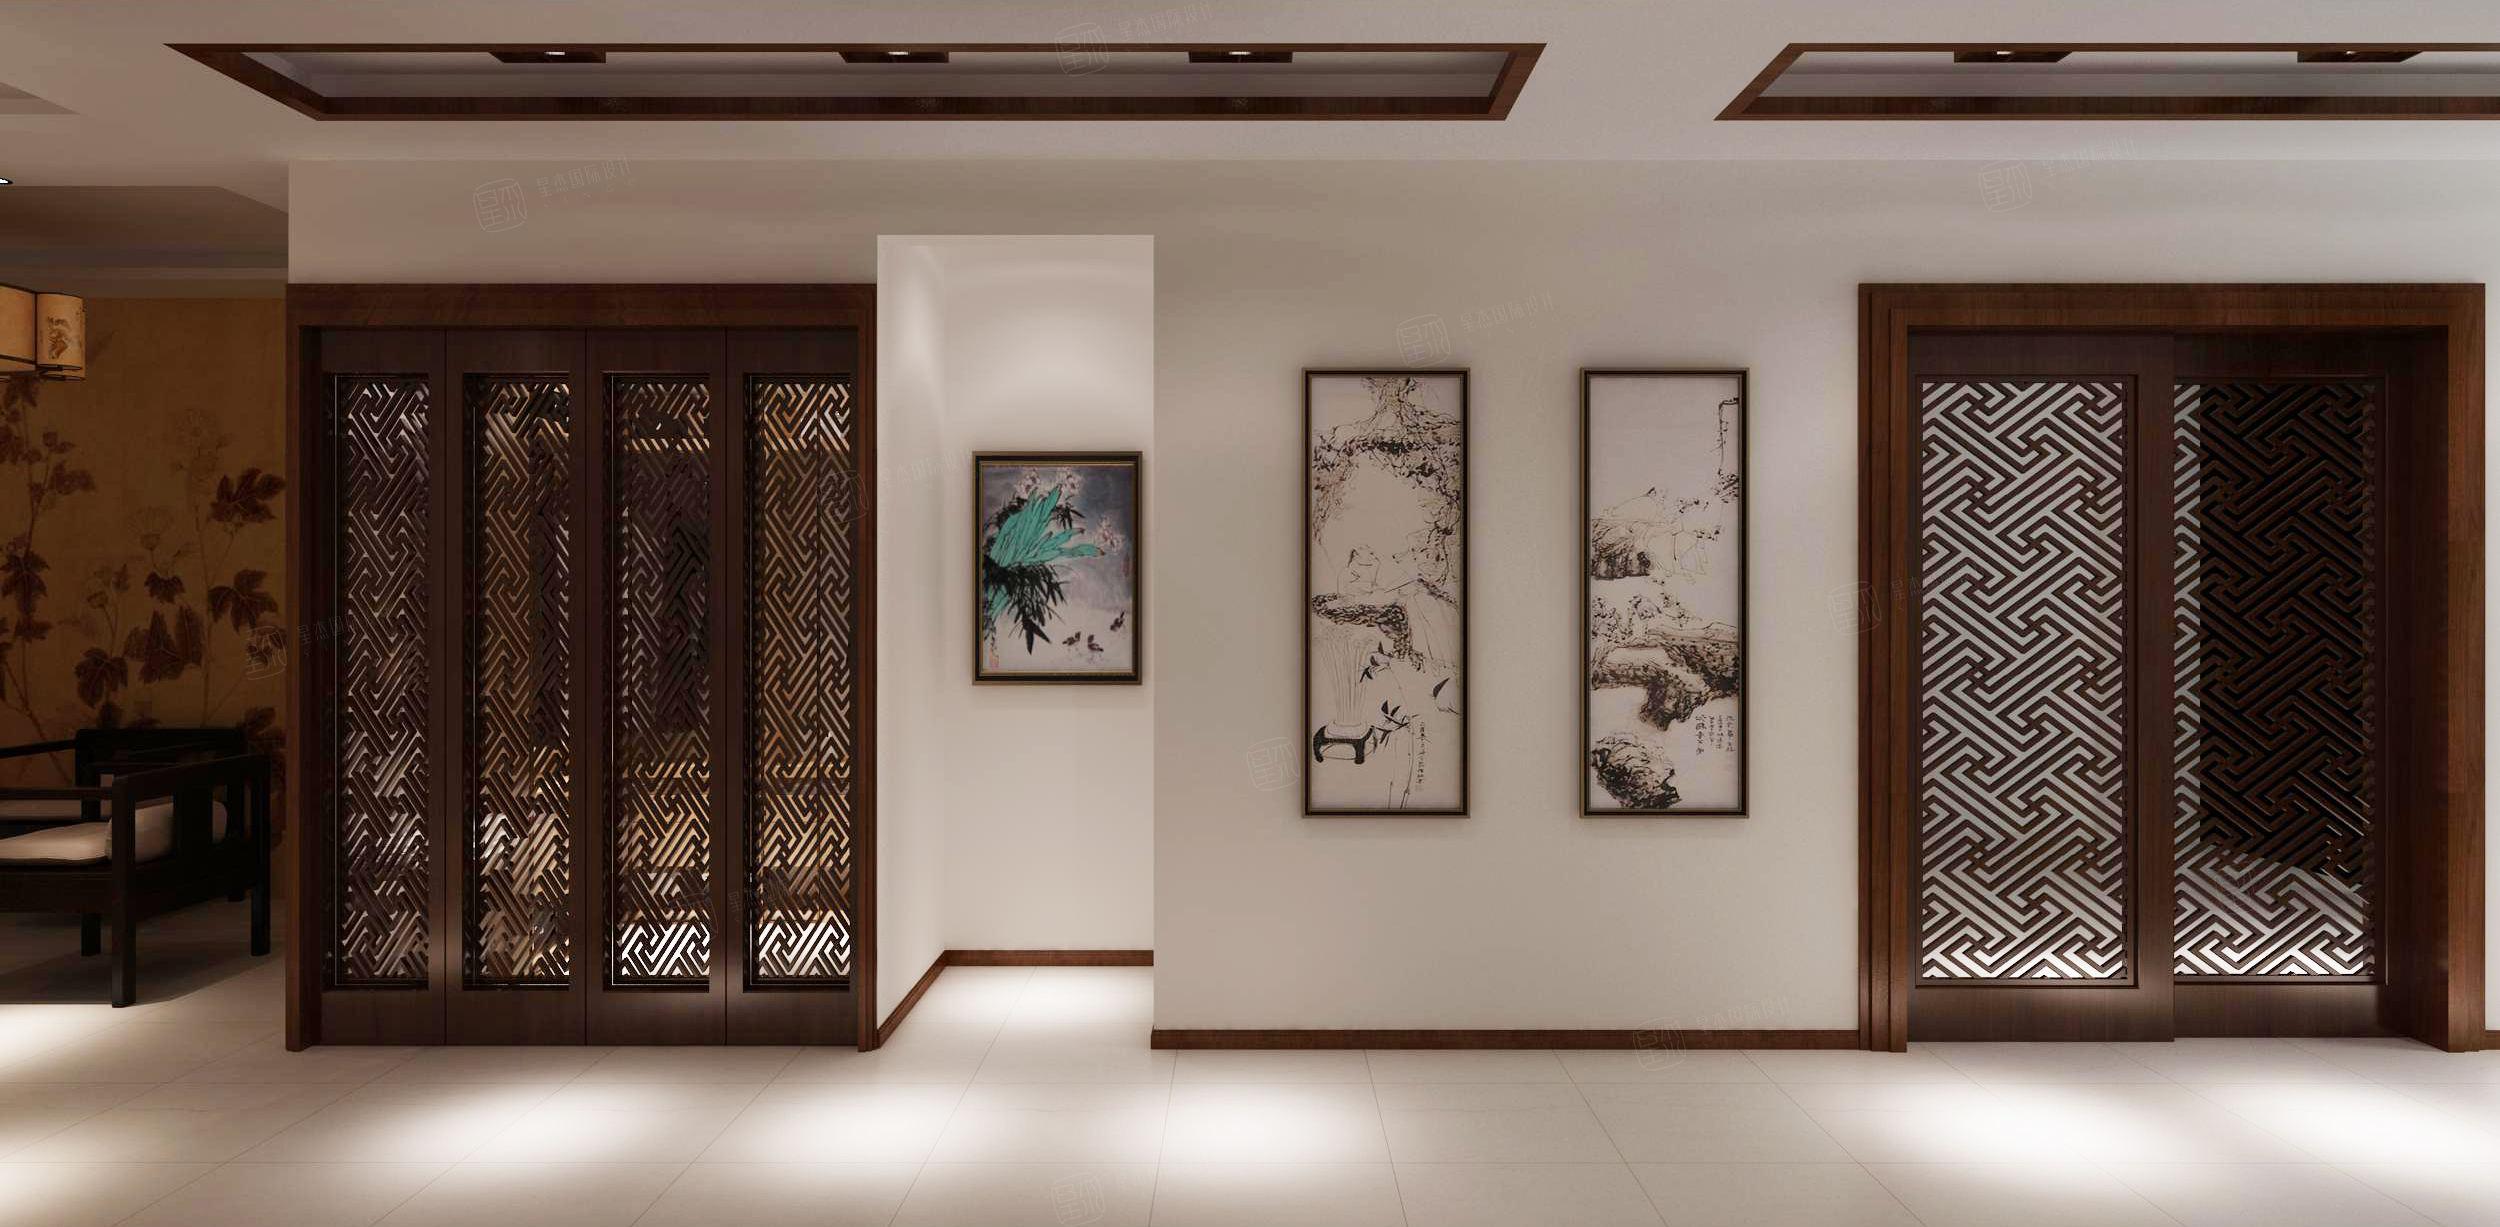 宾根花园 中式装修门厅效果图